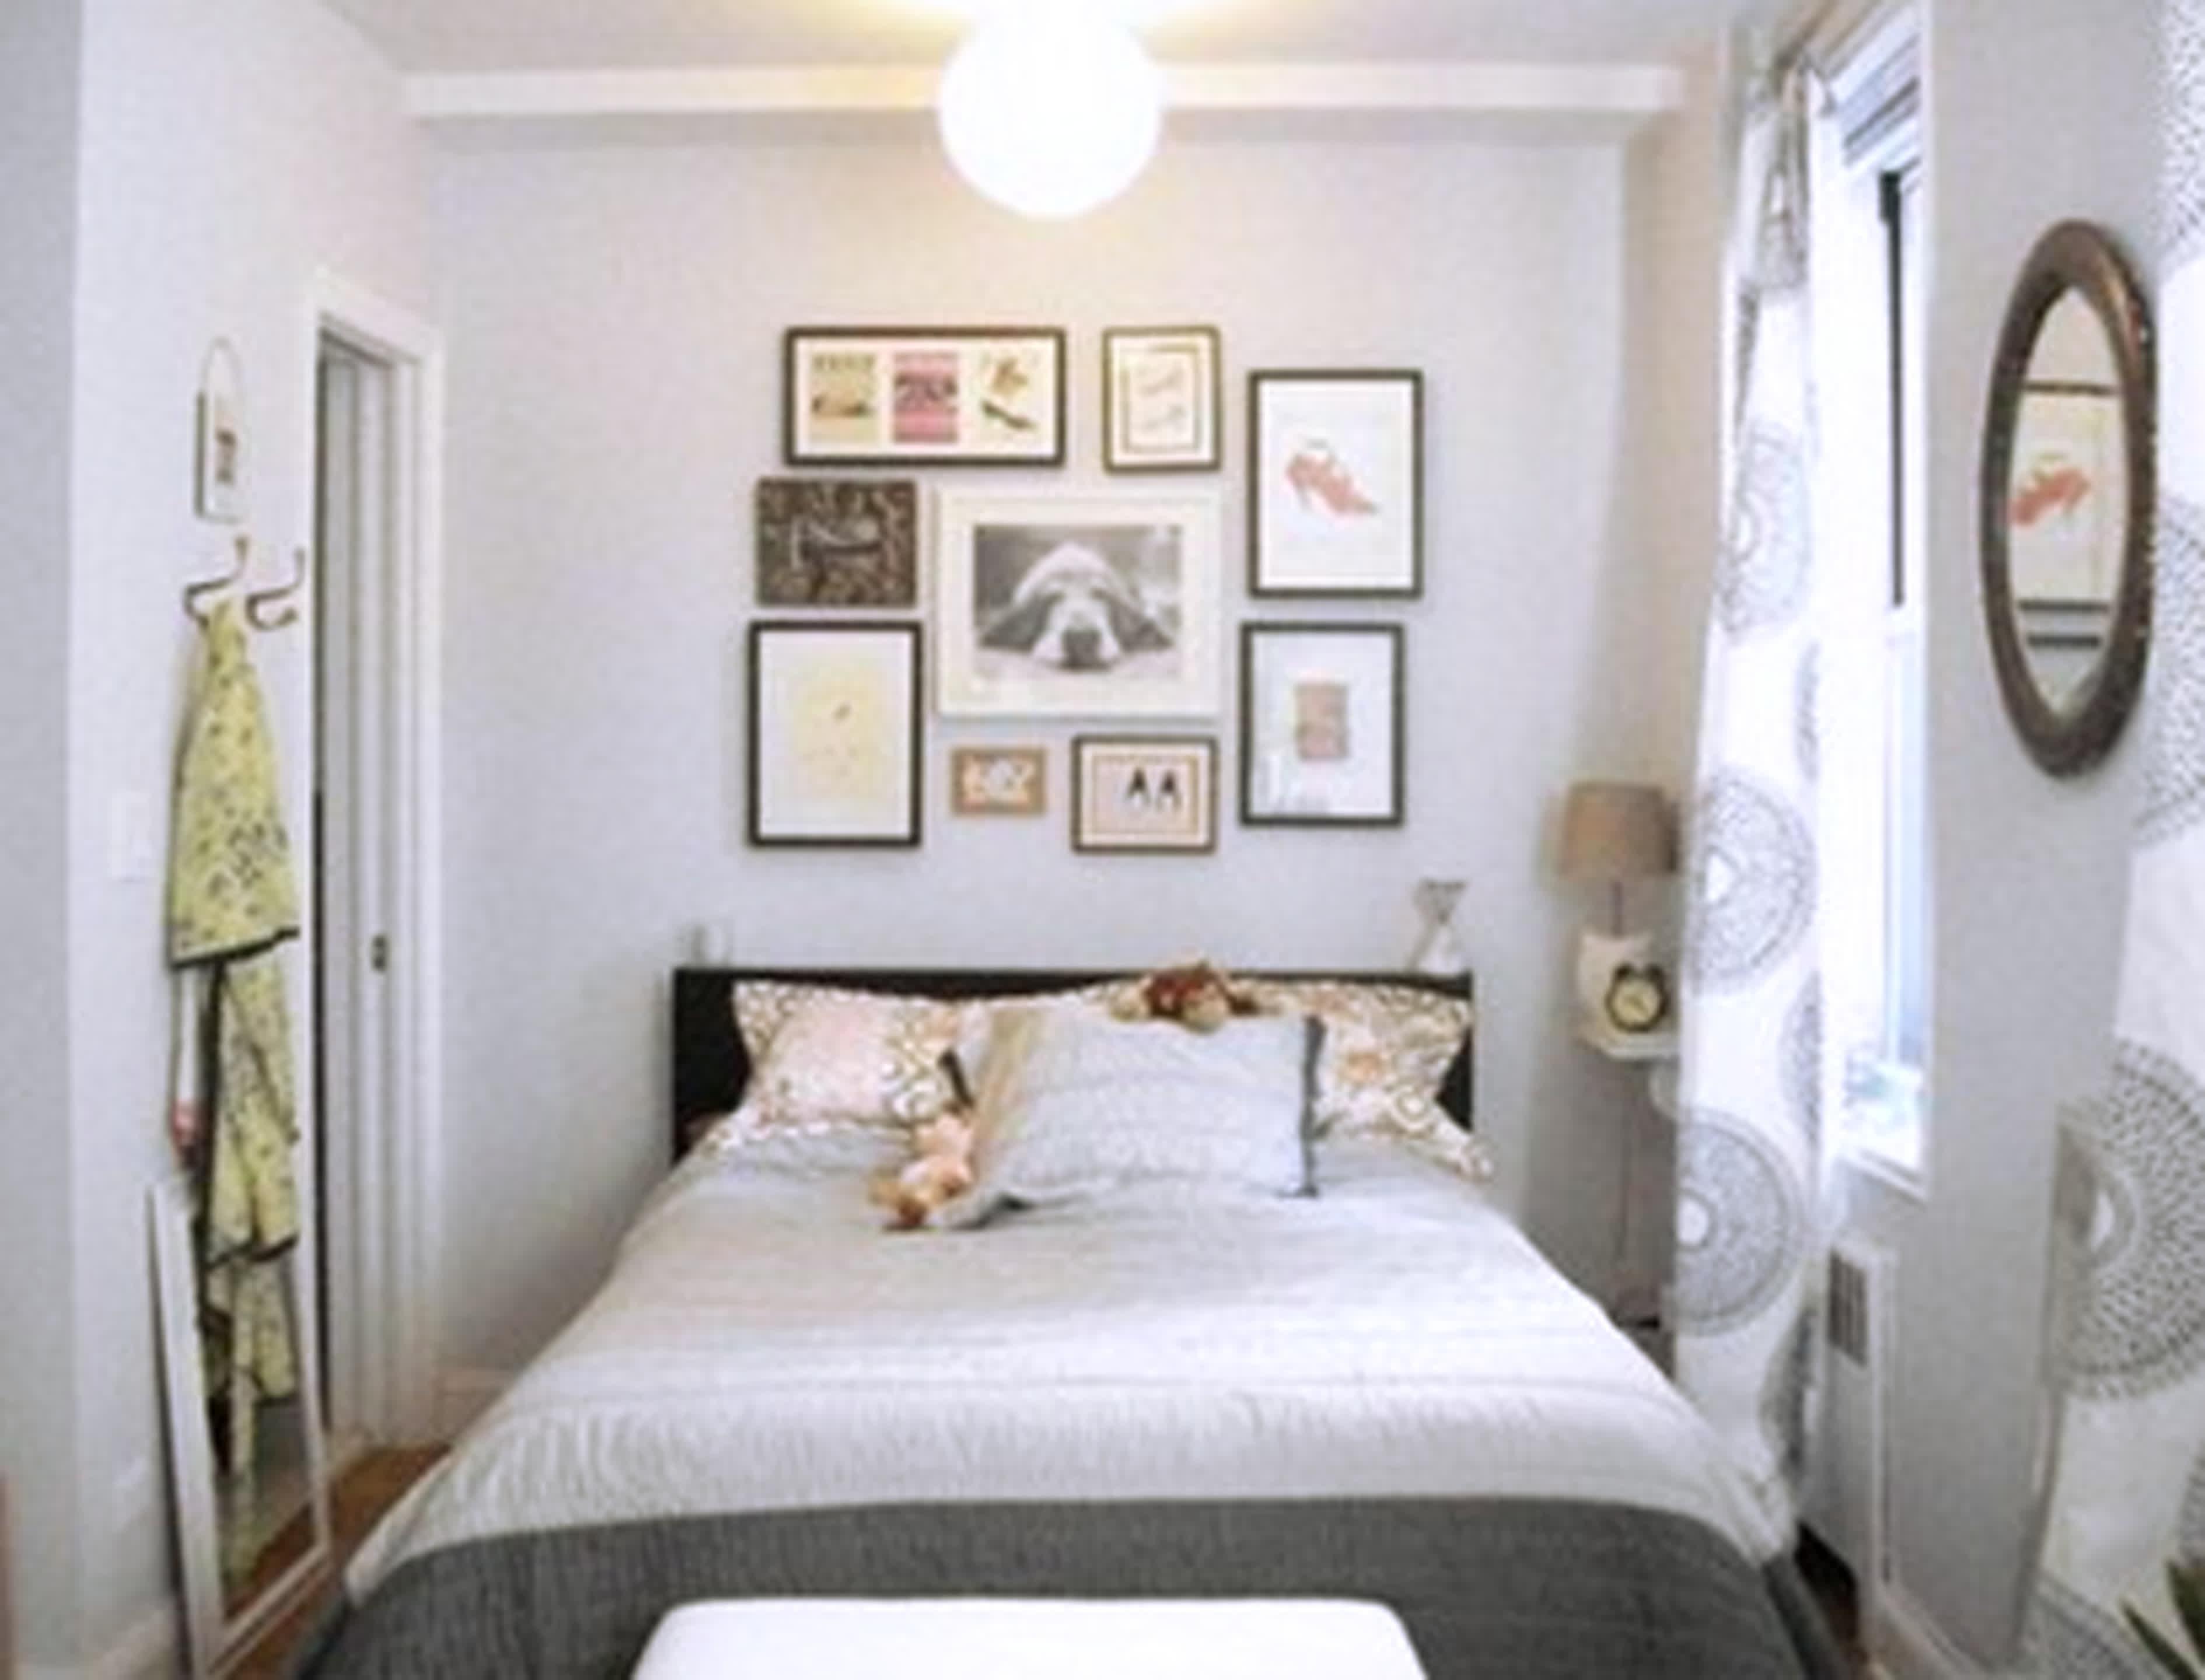 Cómo decorar una habitación pequeña: 5 ejemplos